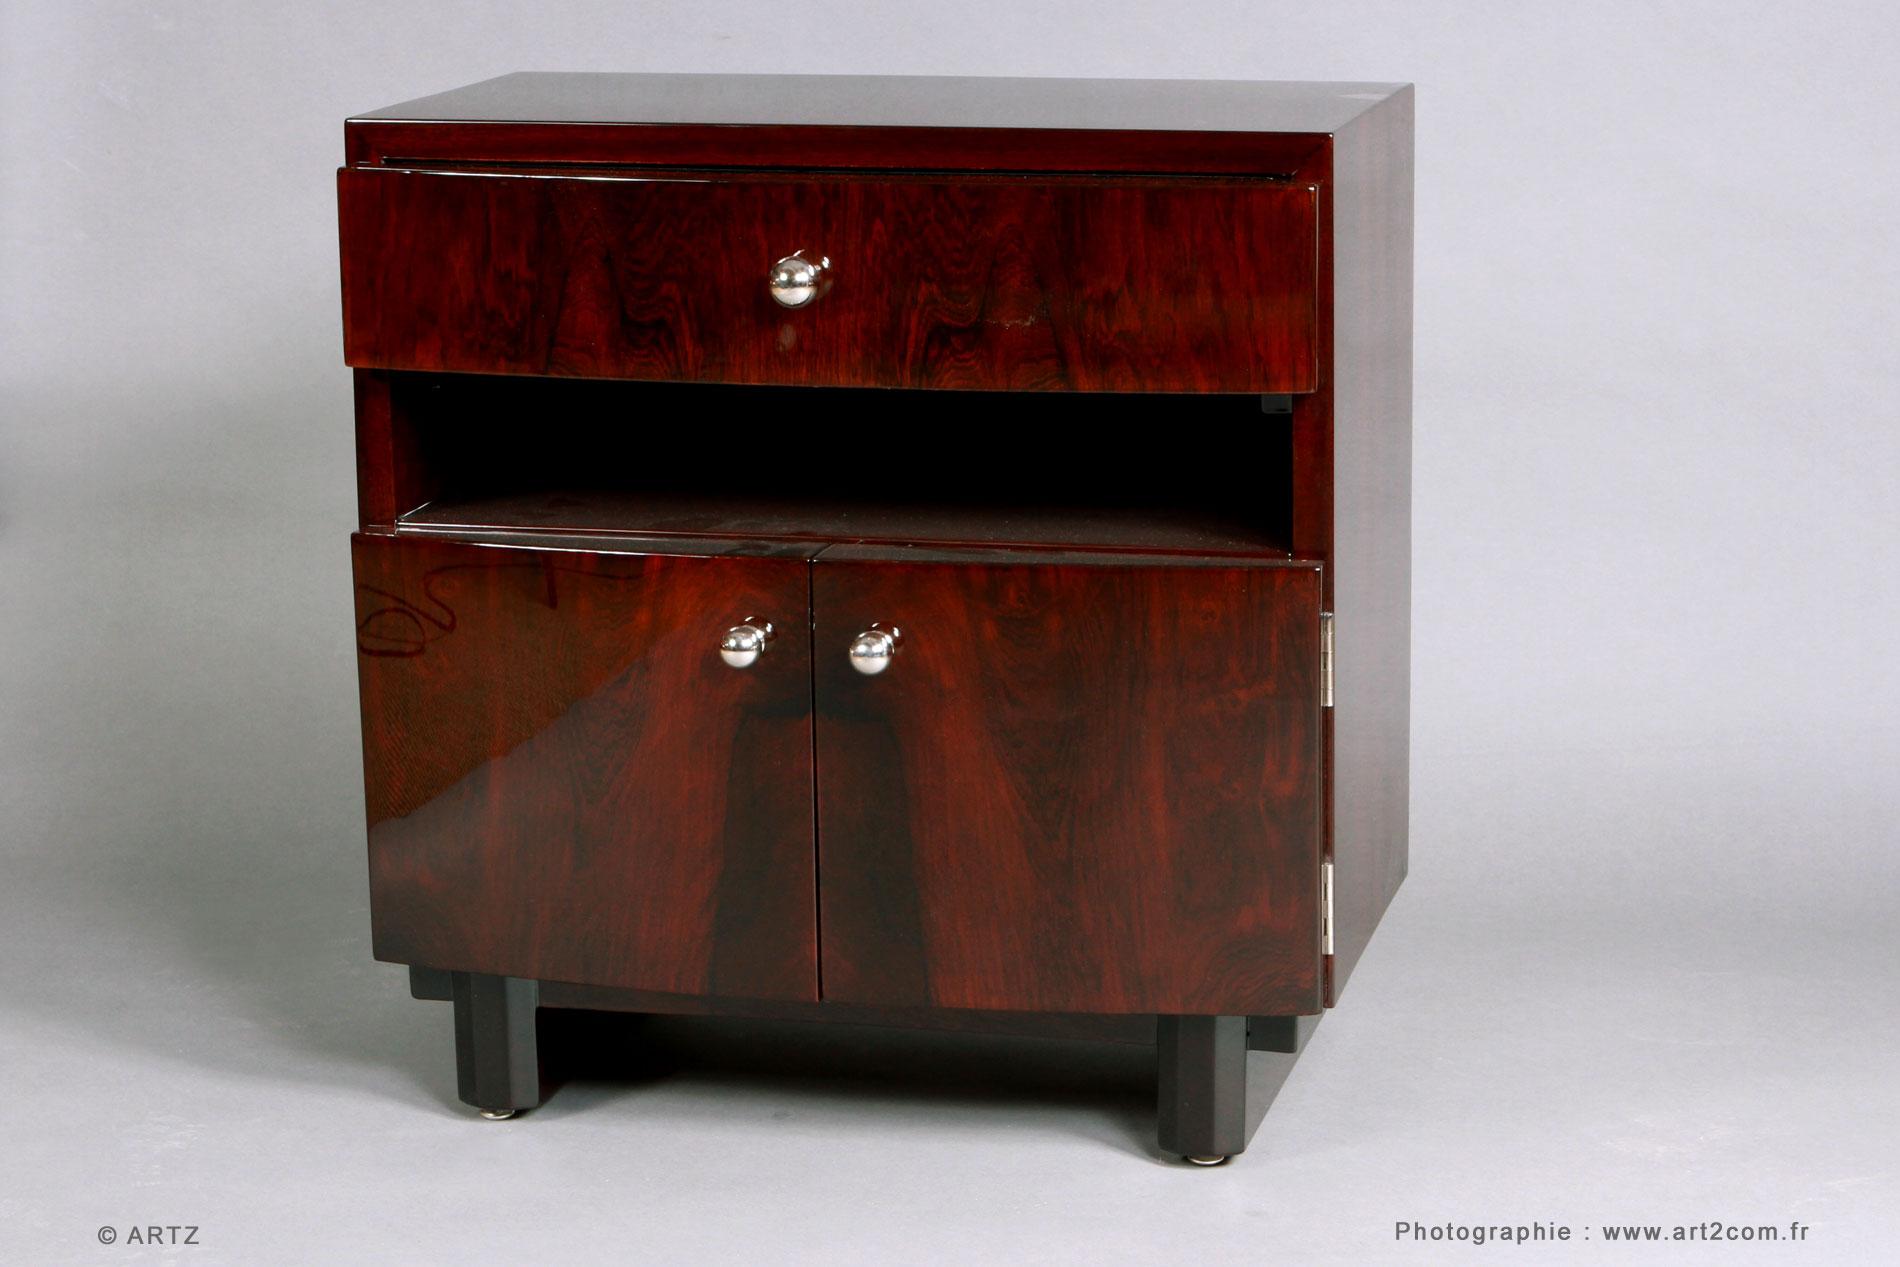 Artz sp cialiste art d co lustres vases coupes meubles - Table de chevet largeur 30 cm ...